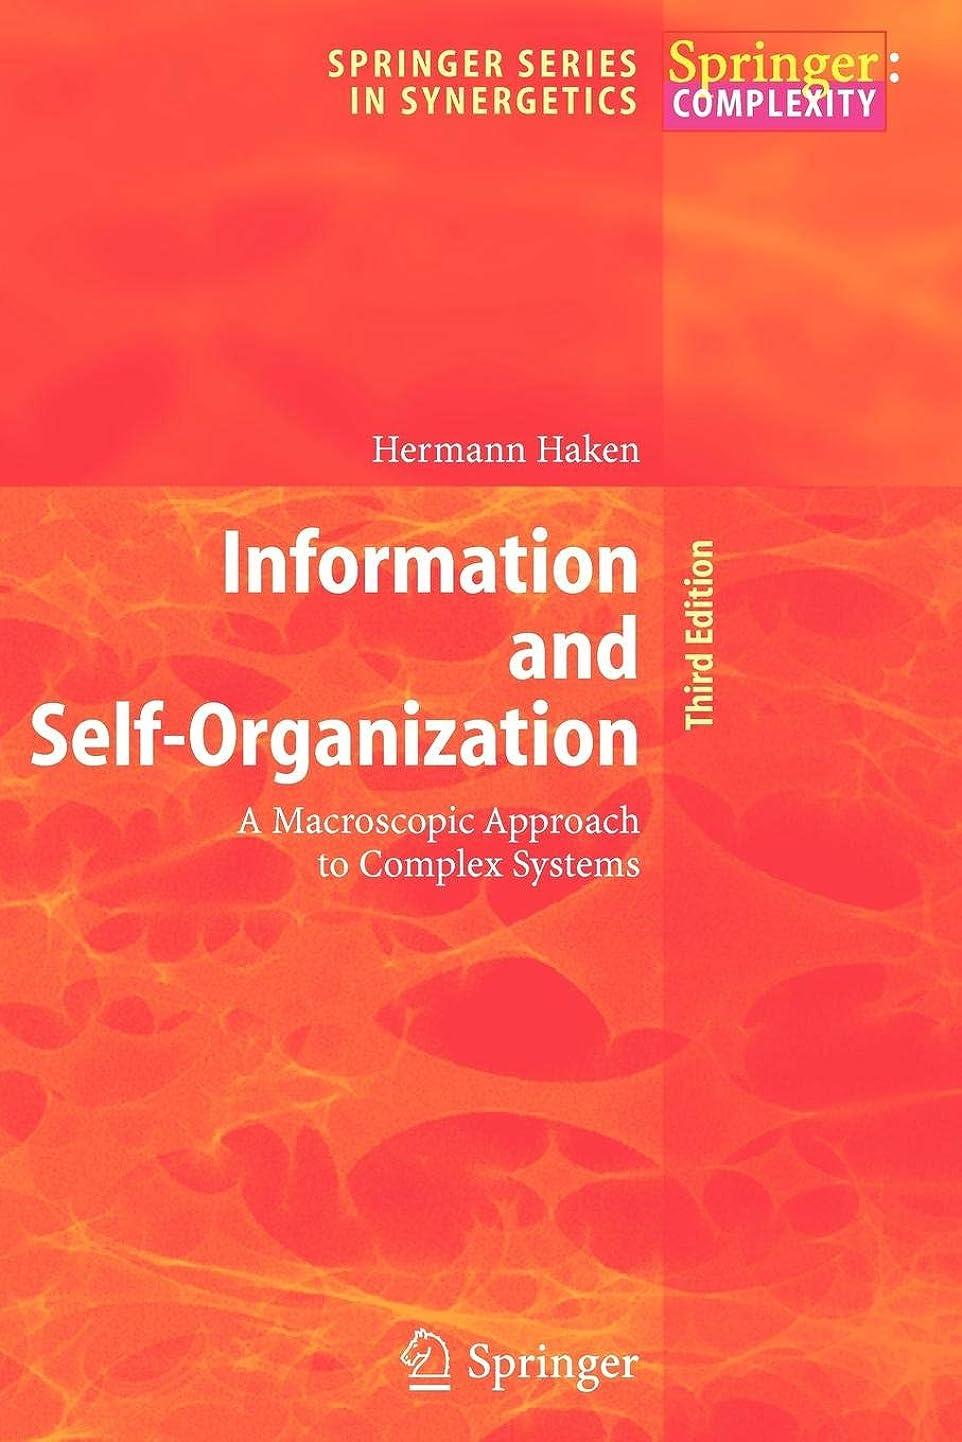 間欠寓話息苦しいInformation and Self-Organization: A Macroscopic Approach to Complex Systems (Springer Series in Synergetics)